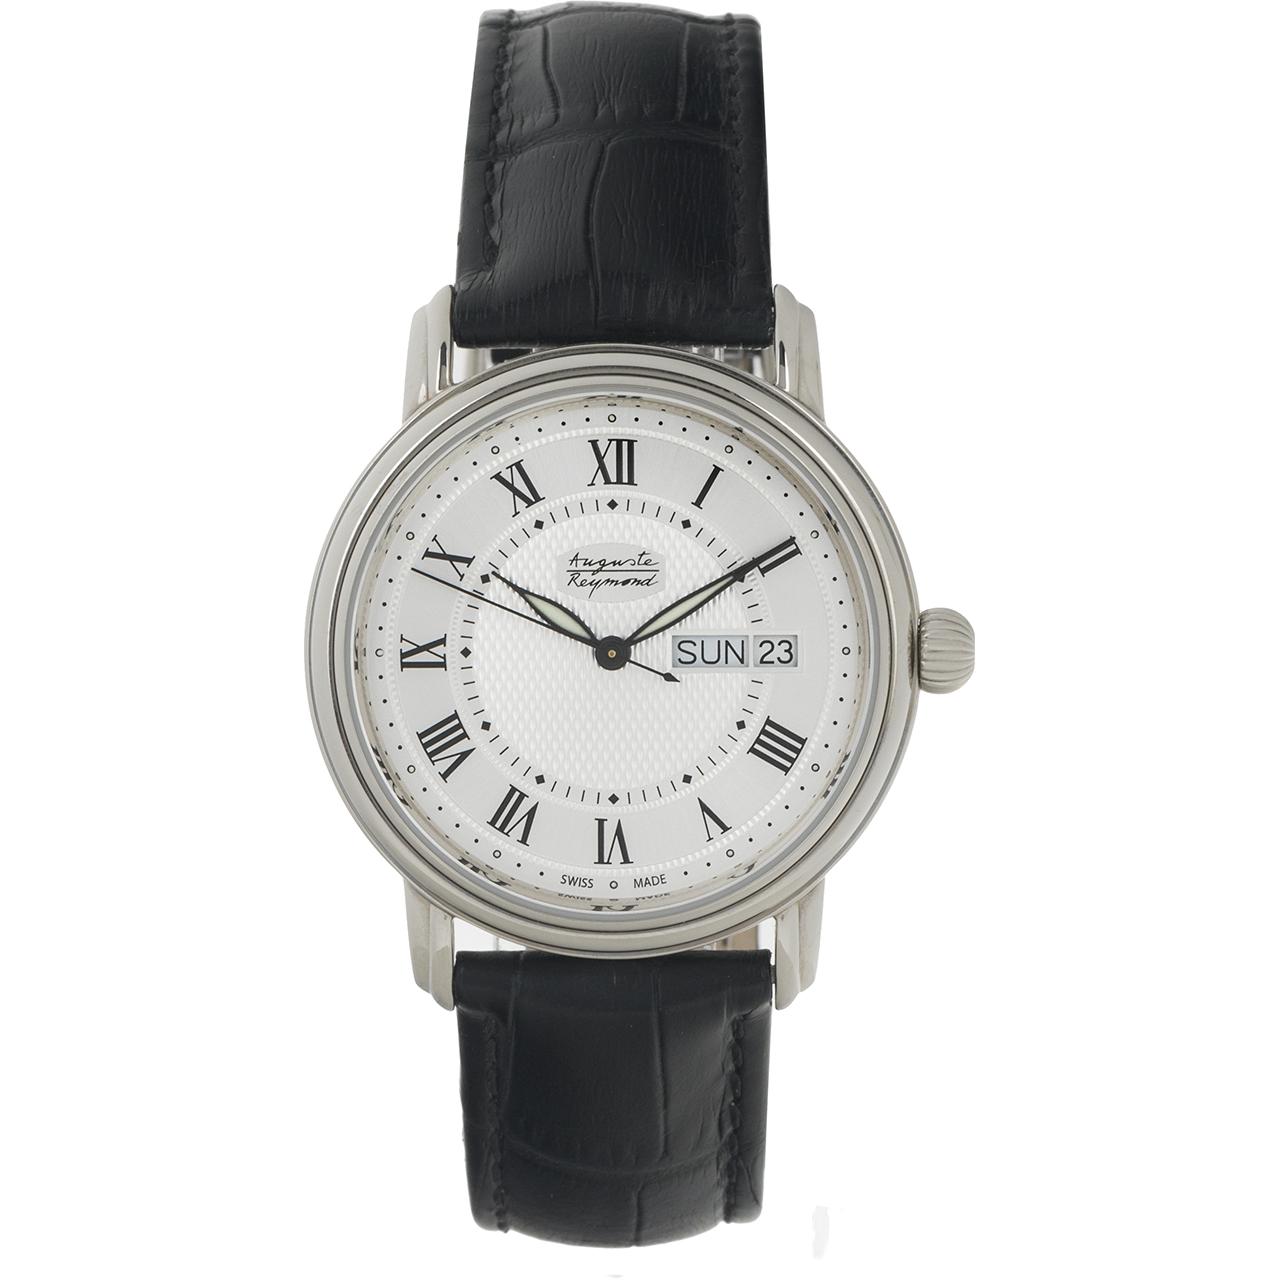 ساعت مچی عقربه ای مردانه آگوست ریموند مدل Q-623D610-57I